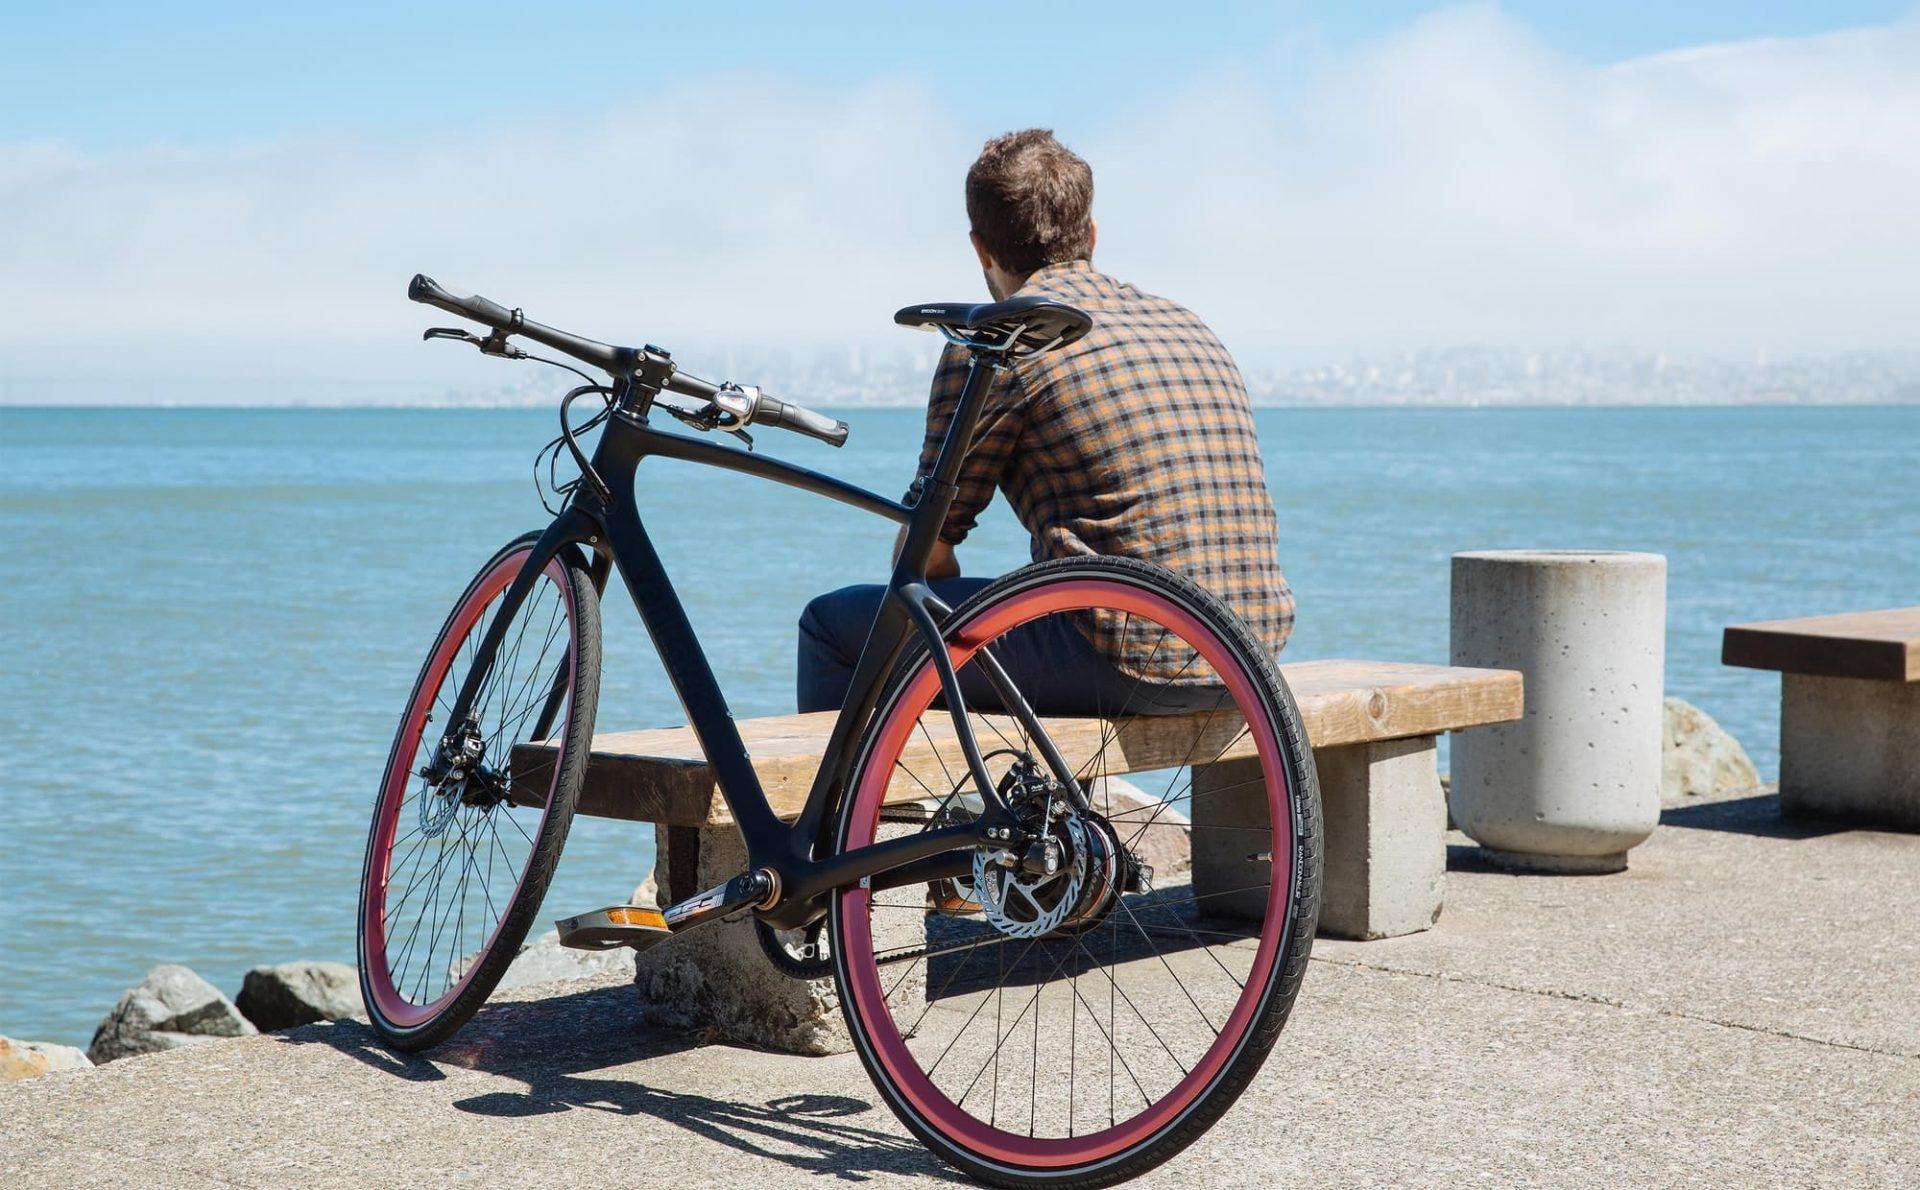 okoskerékpár welovecycling